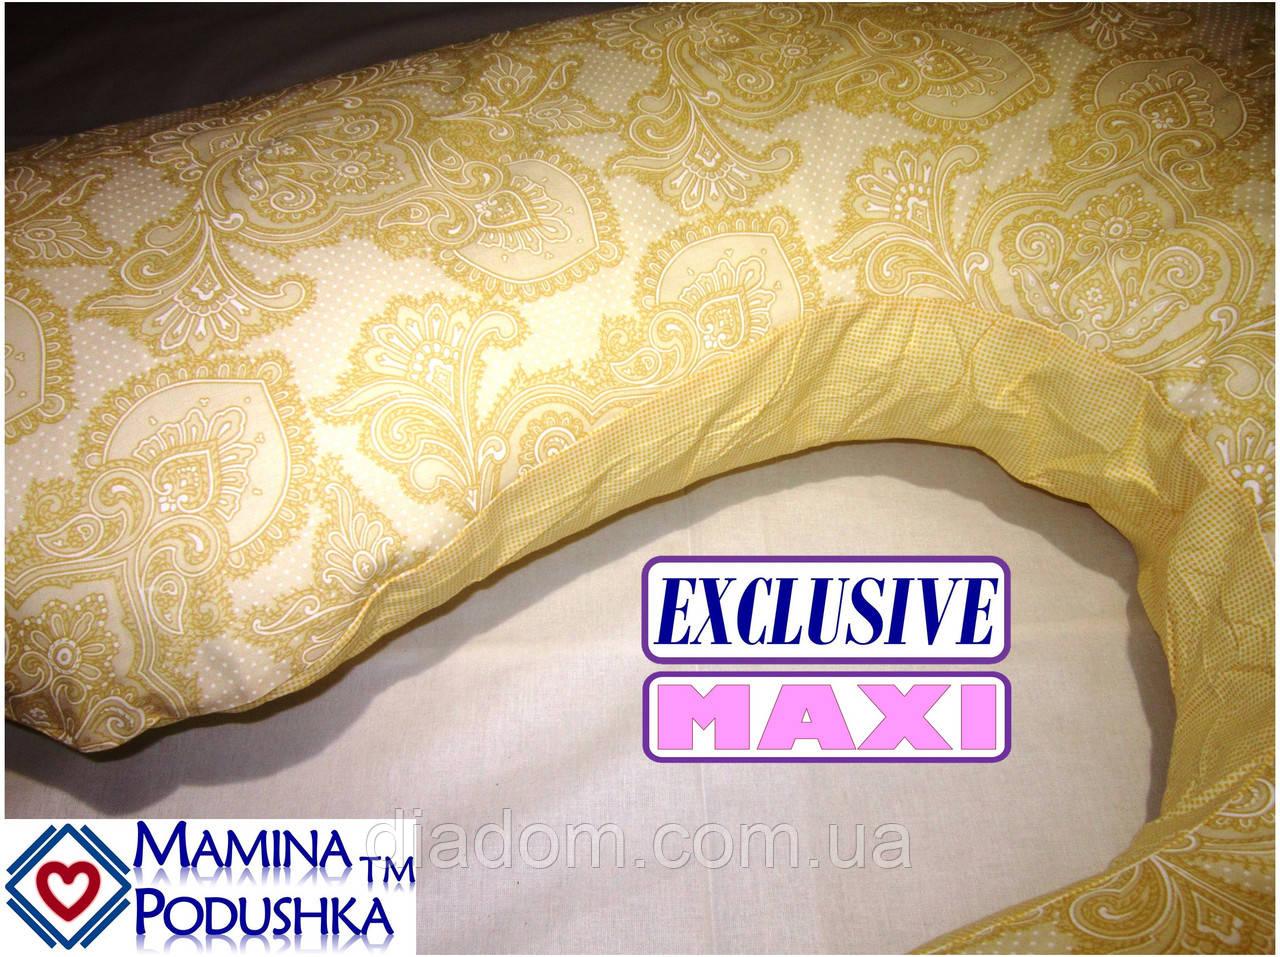 Подушка для беременных Maxi Exclusive, в комплекте наволочка 2-сторонняя - Желт.узоры+желт.точки